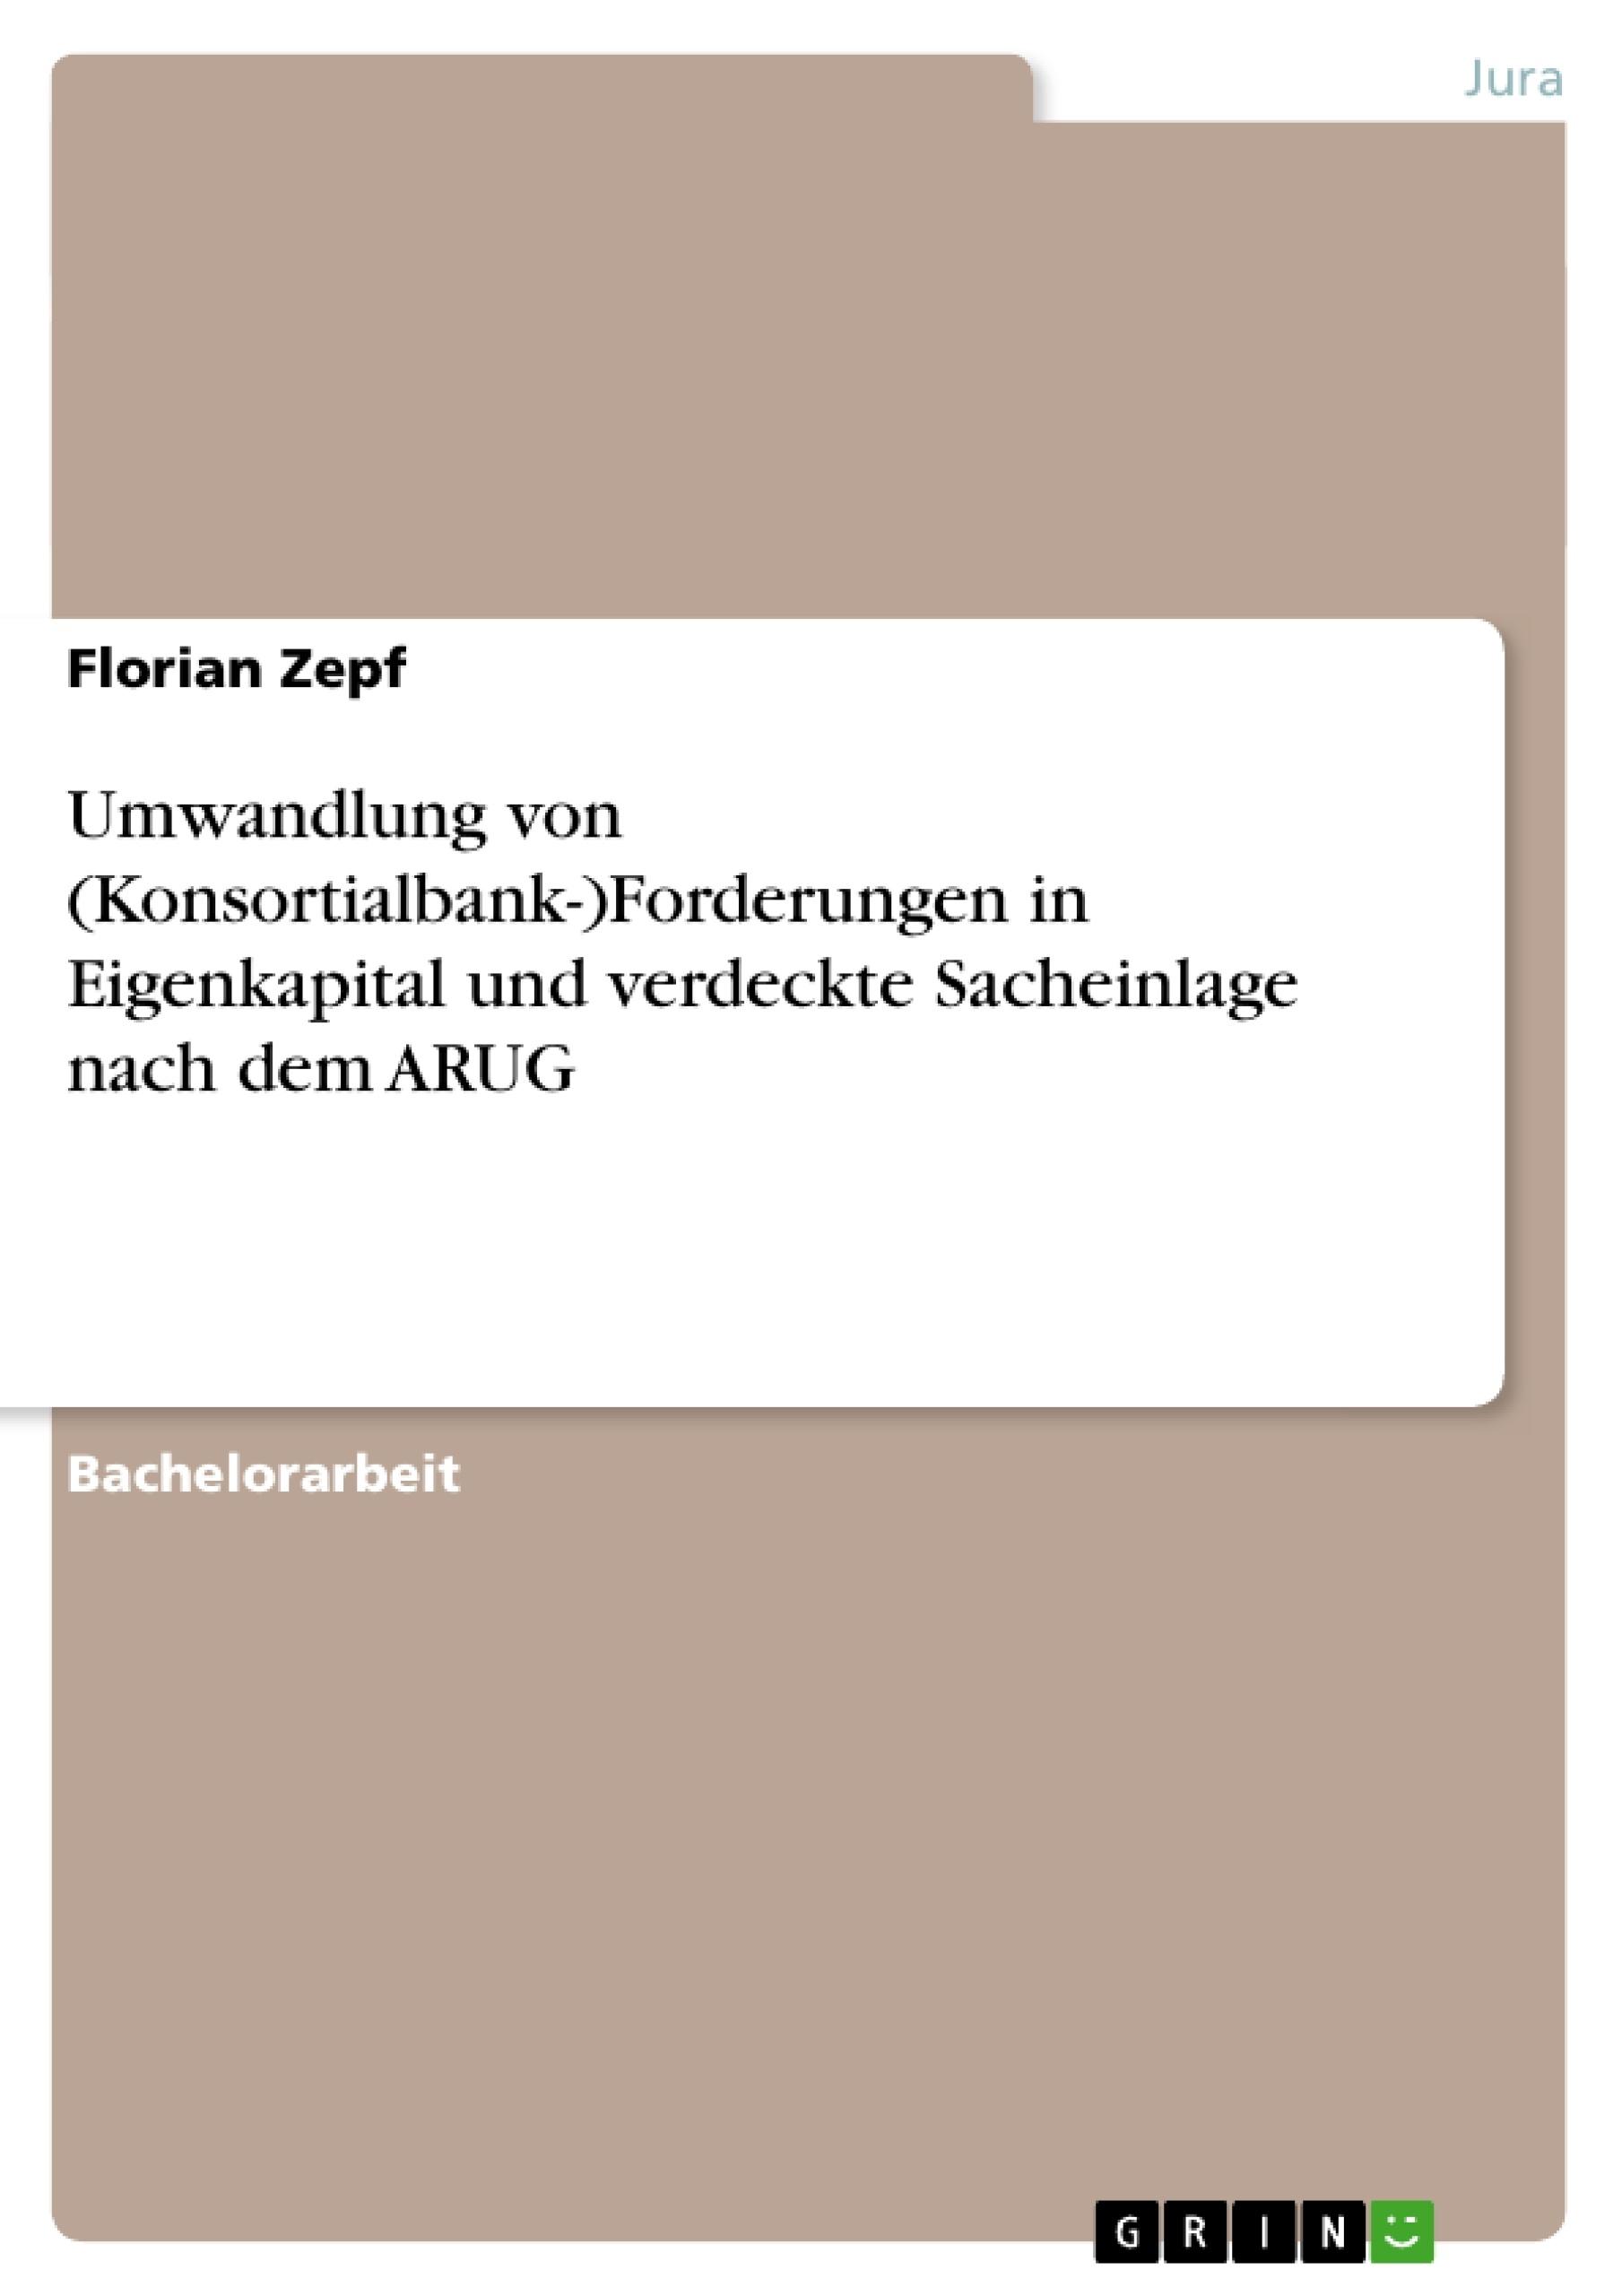 Titel: Umwandlung von (Konsortialbank-)Forderungen in Eigenkapital und verdeckte Sacheinlage nach dem ARUG